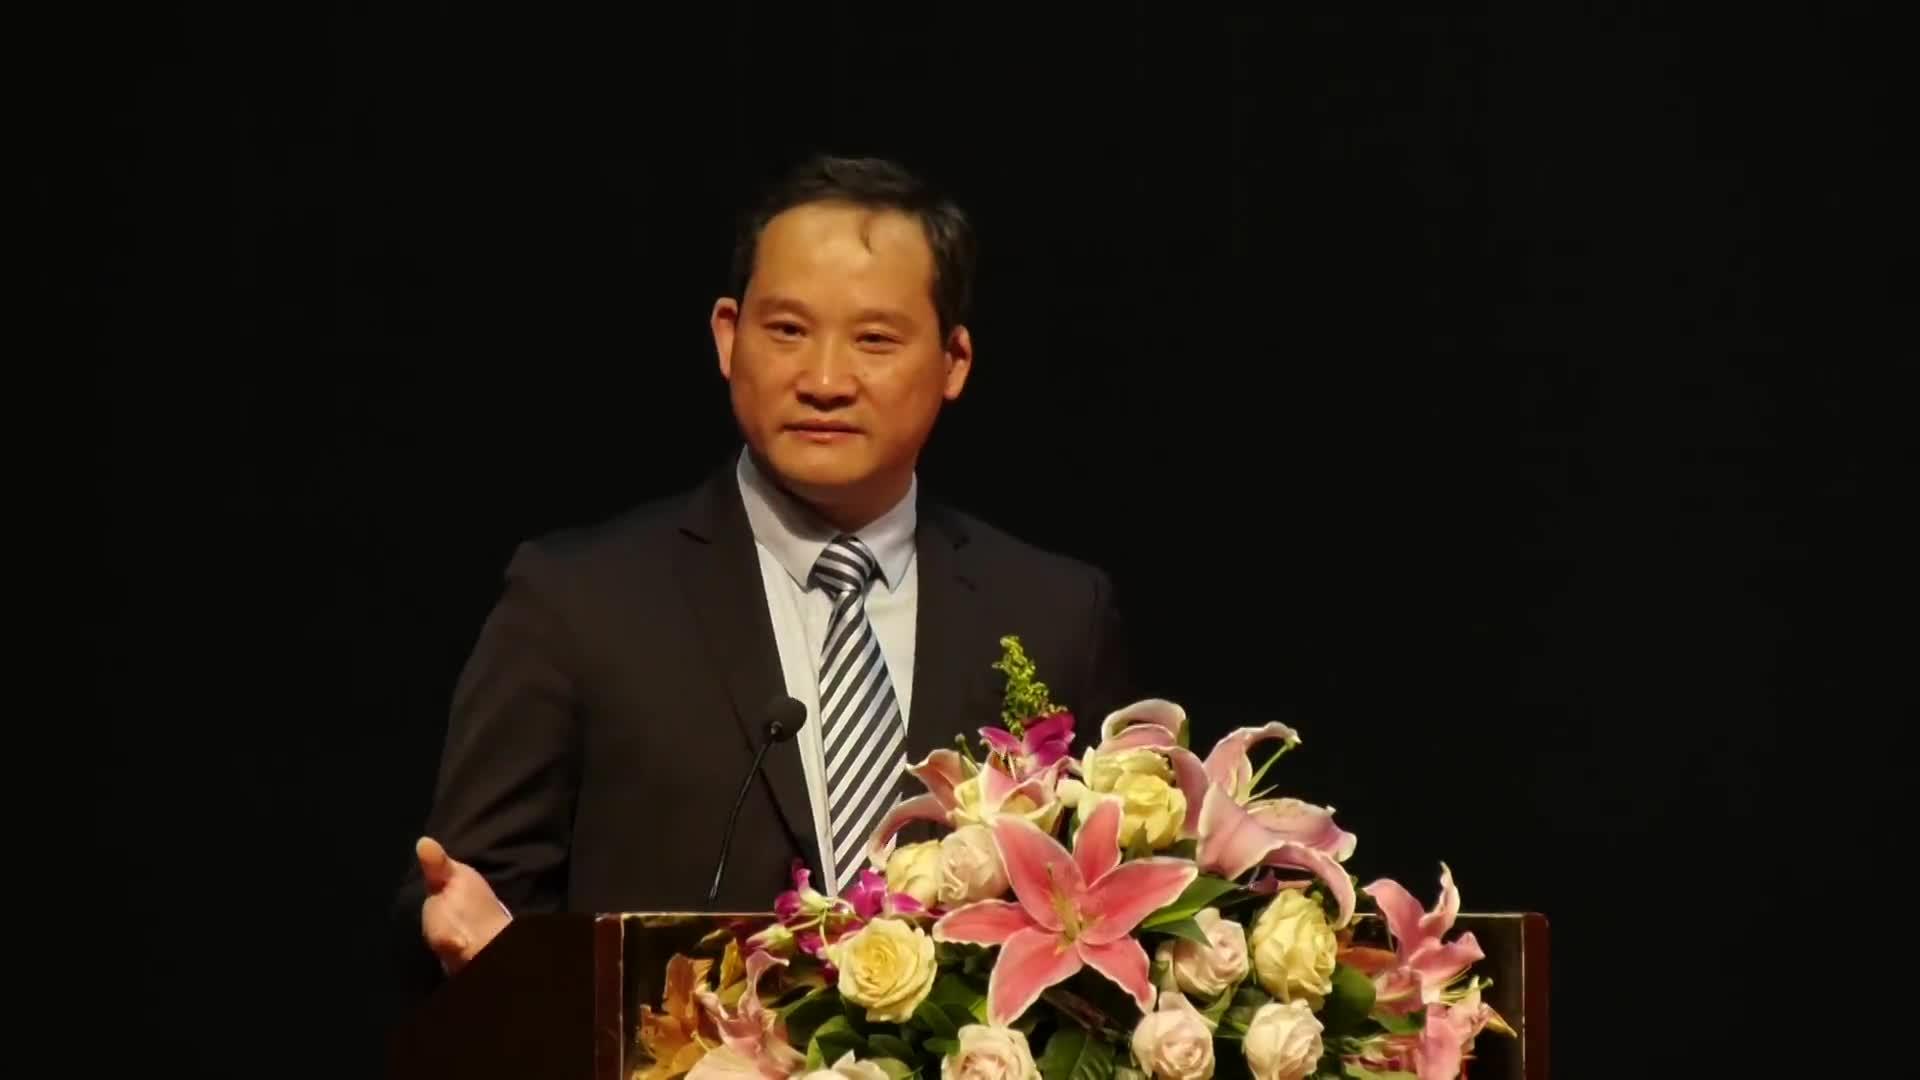 三一重卡千家千人服务商峰会梁林河先生讲话